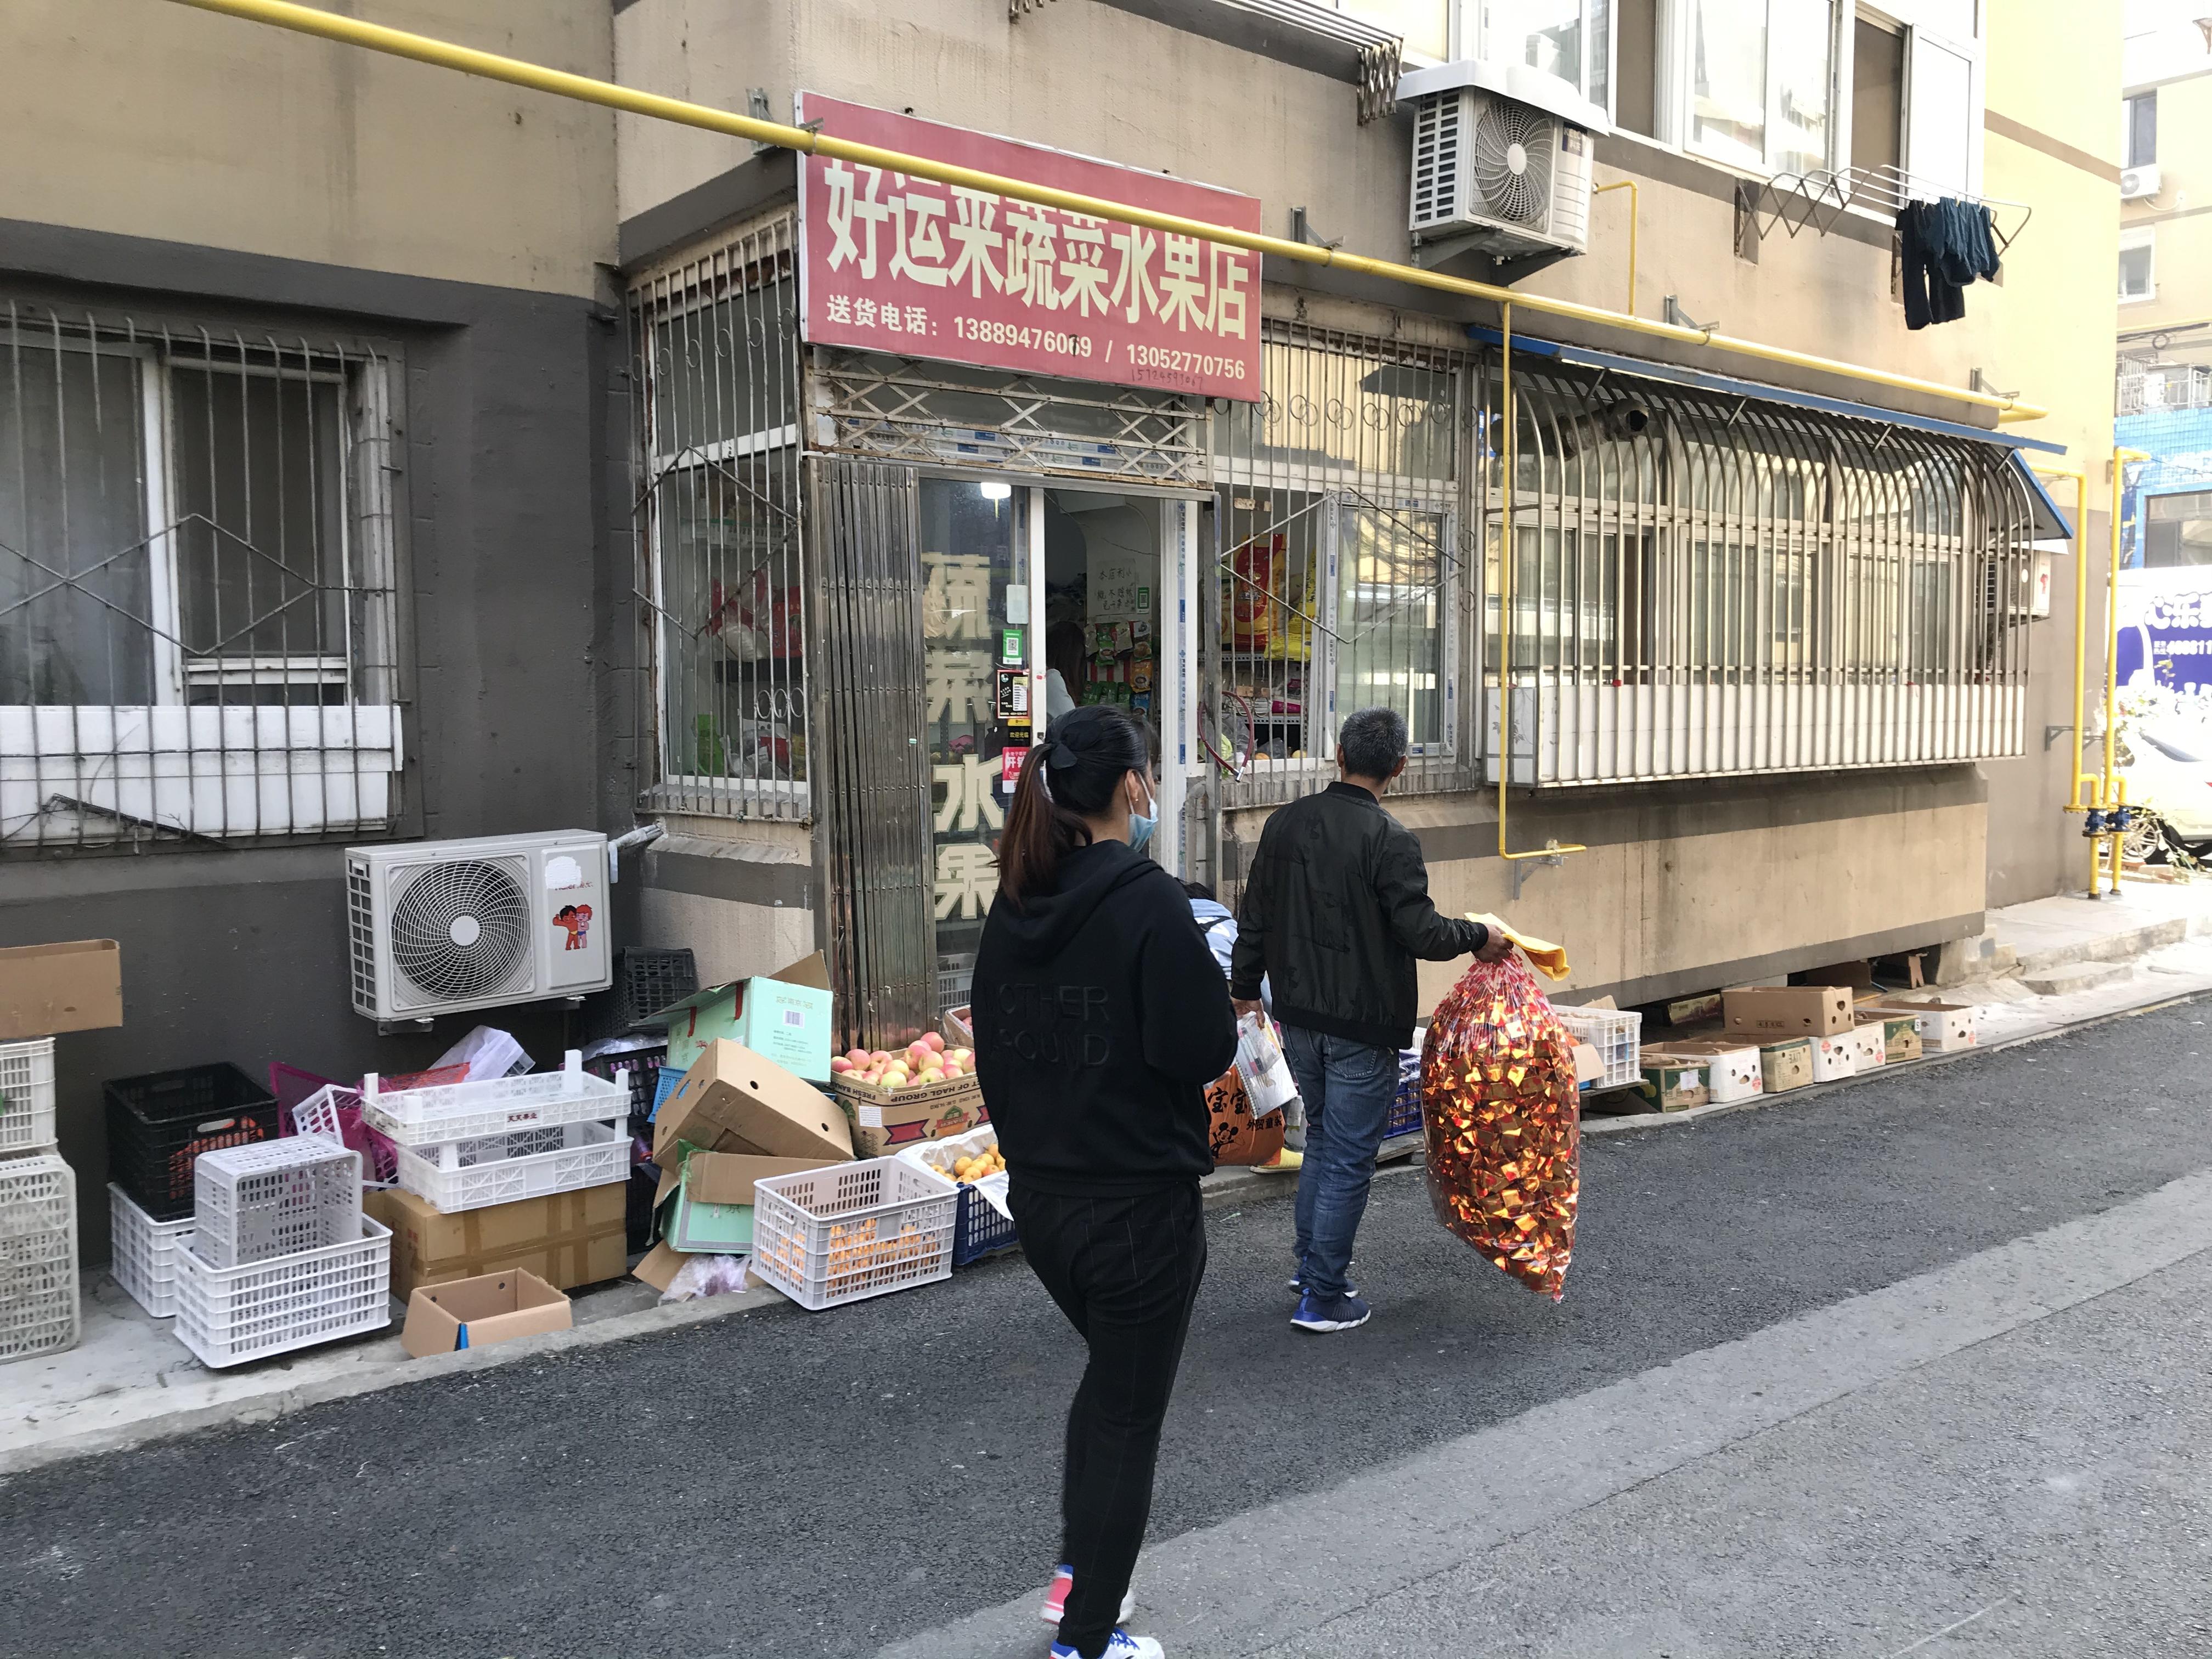 """贺美玲及家人路过自家经营的""""好运来蔬菜水果店"""",案发一个月后,水果店转给了弟弟经营。"""